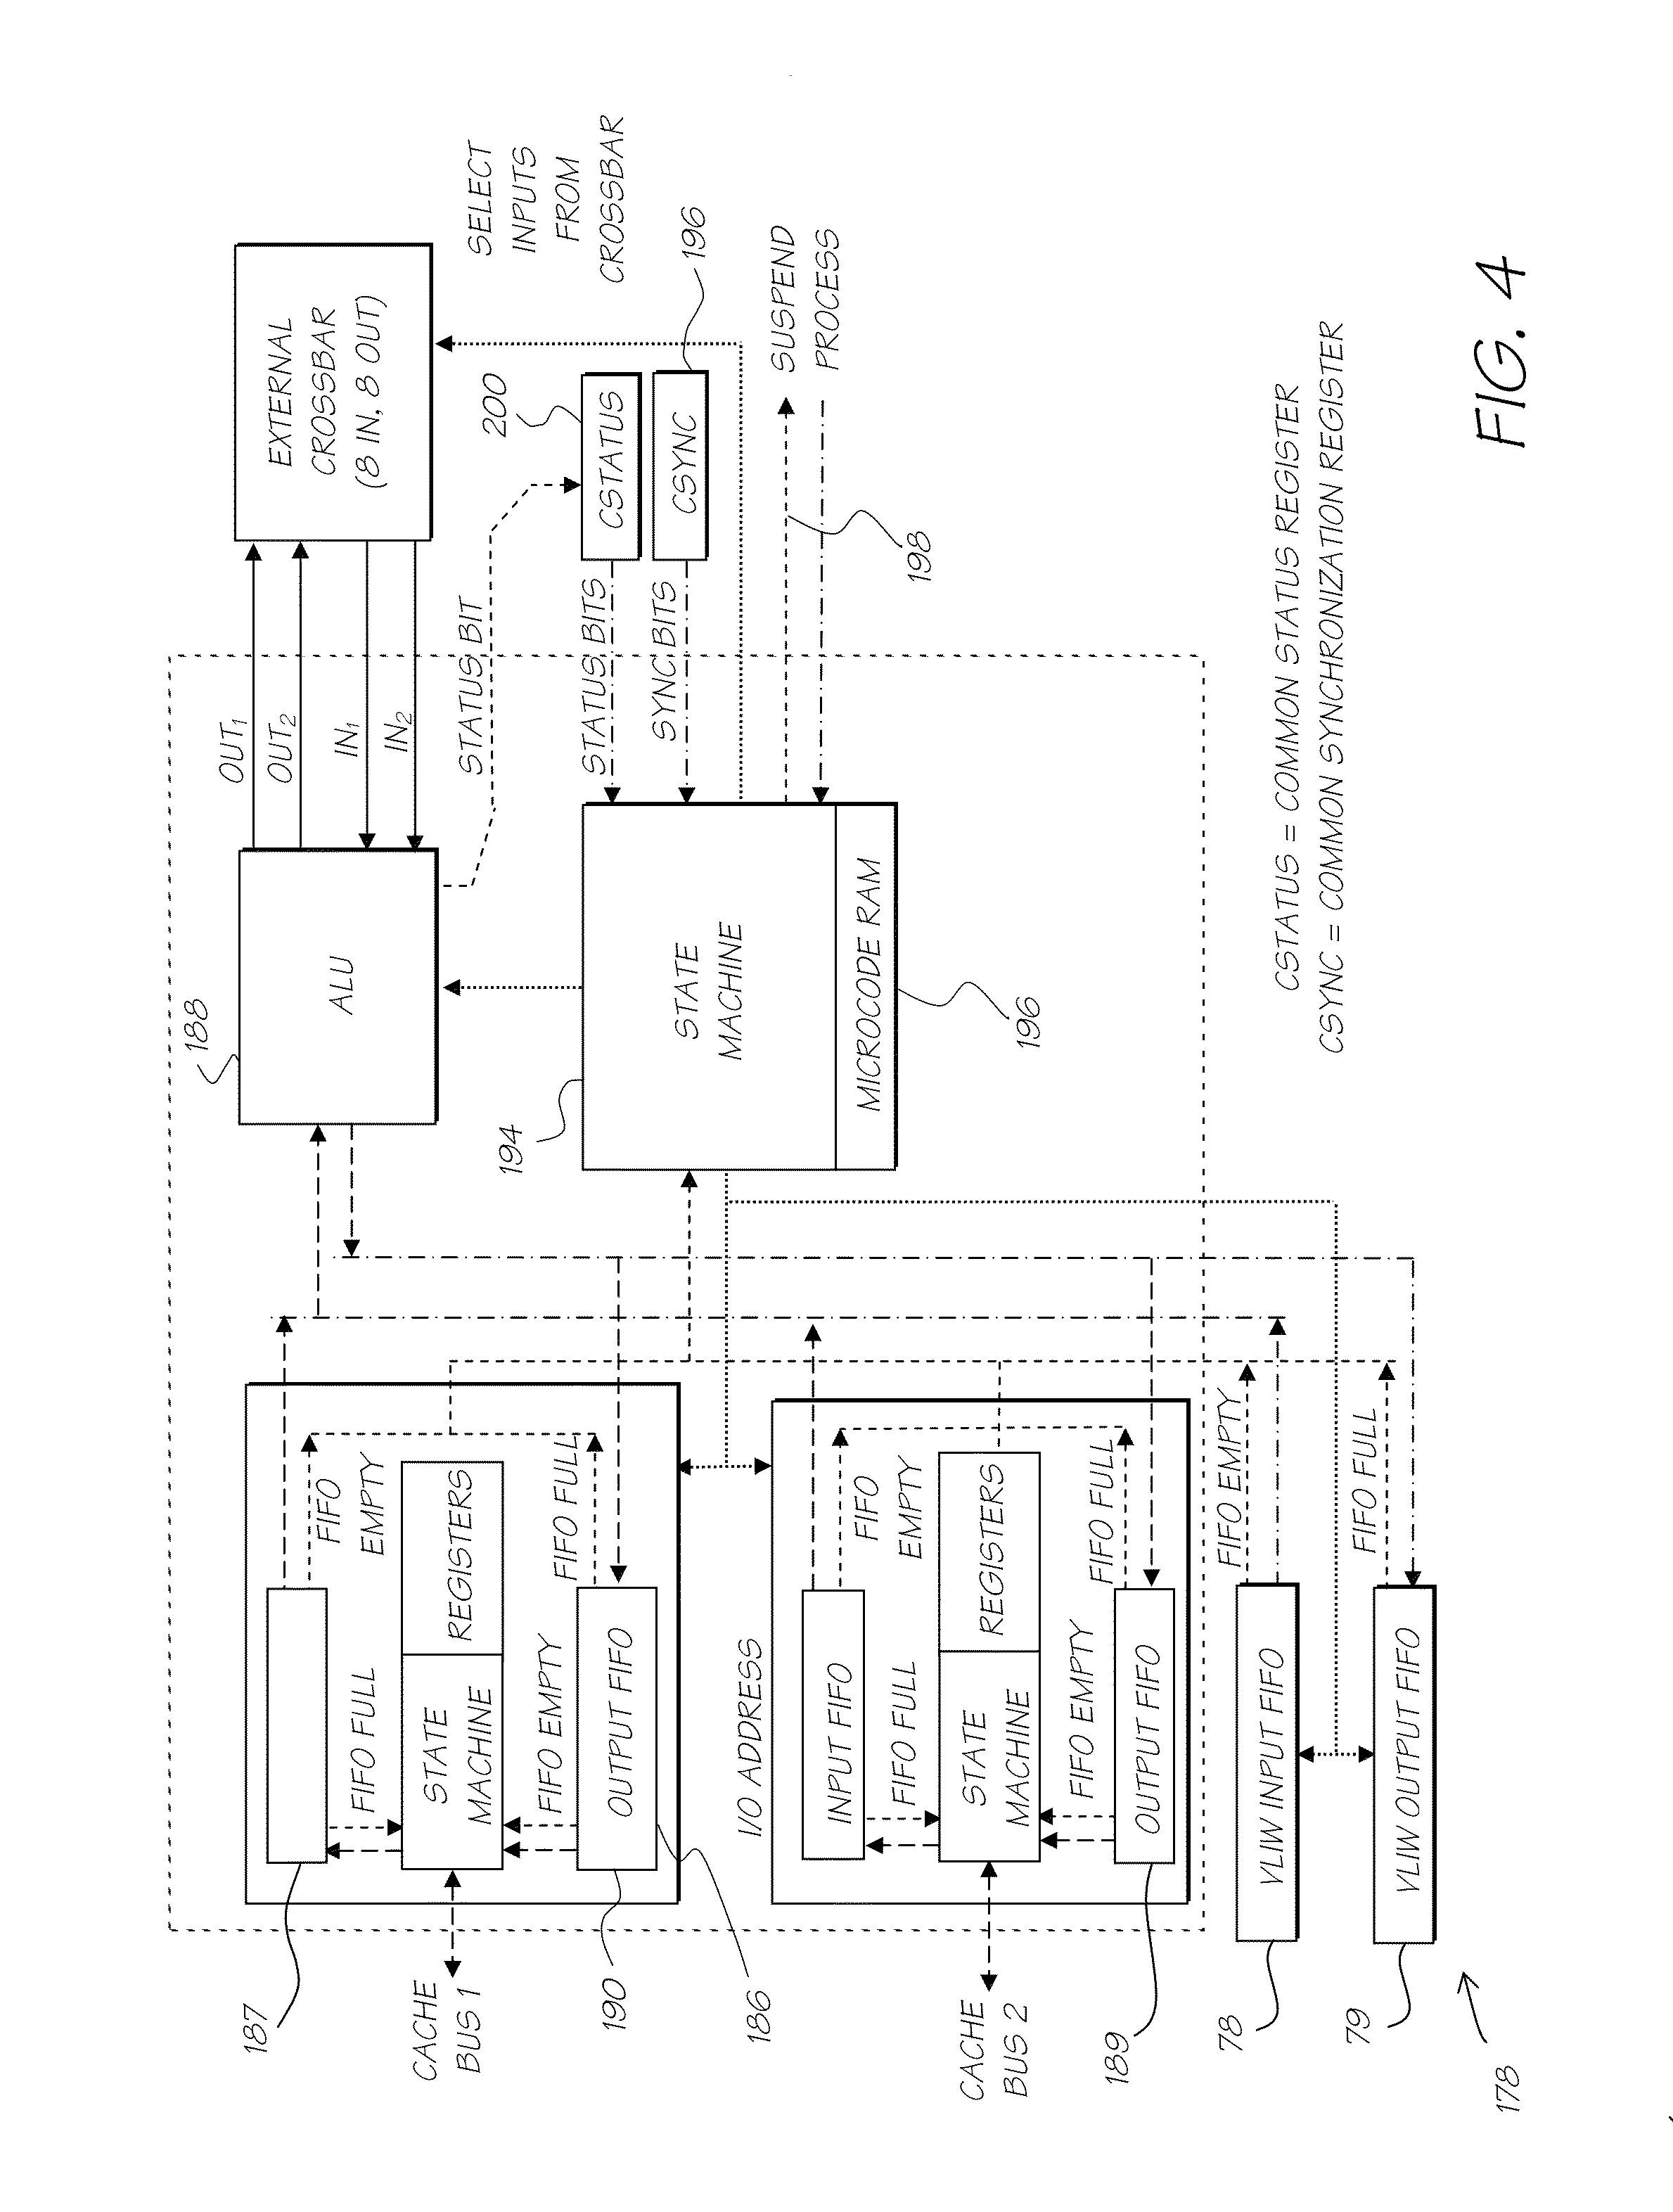 Wiring Diagram For Panthera 110 Atv